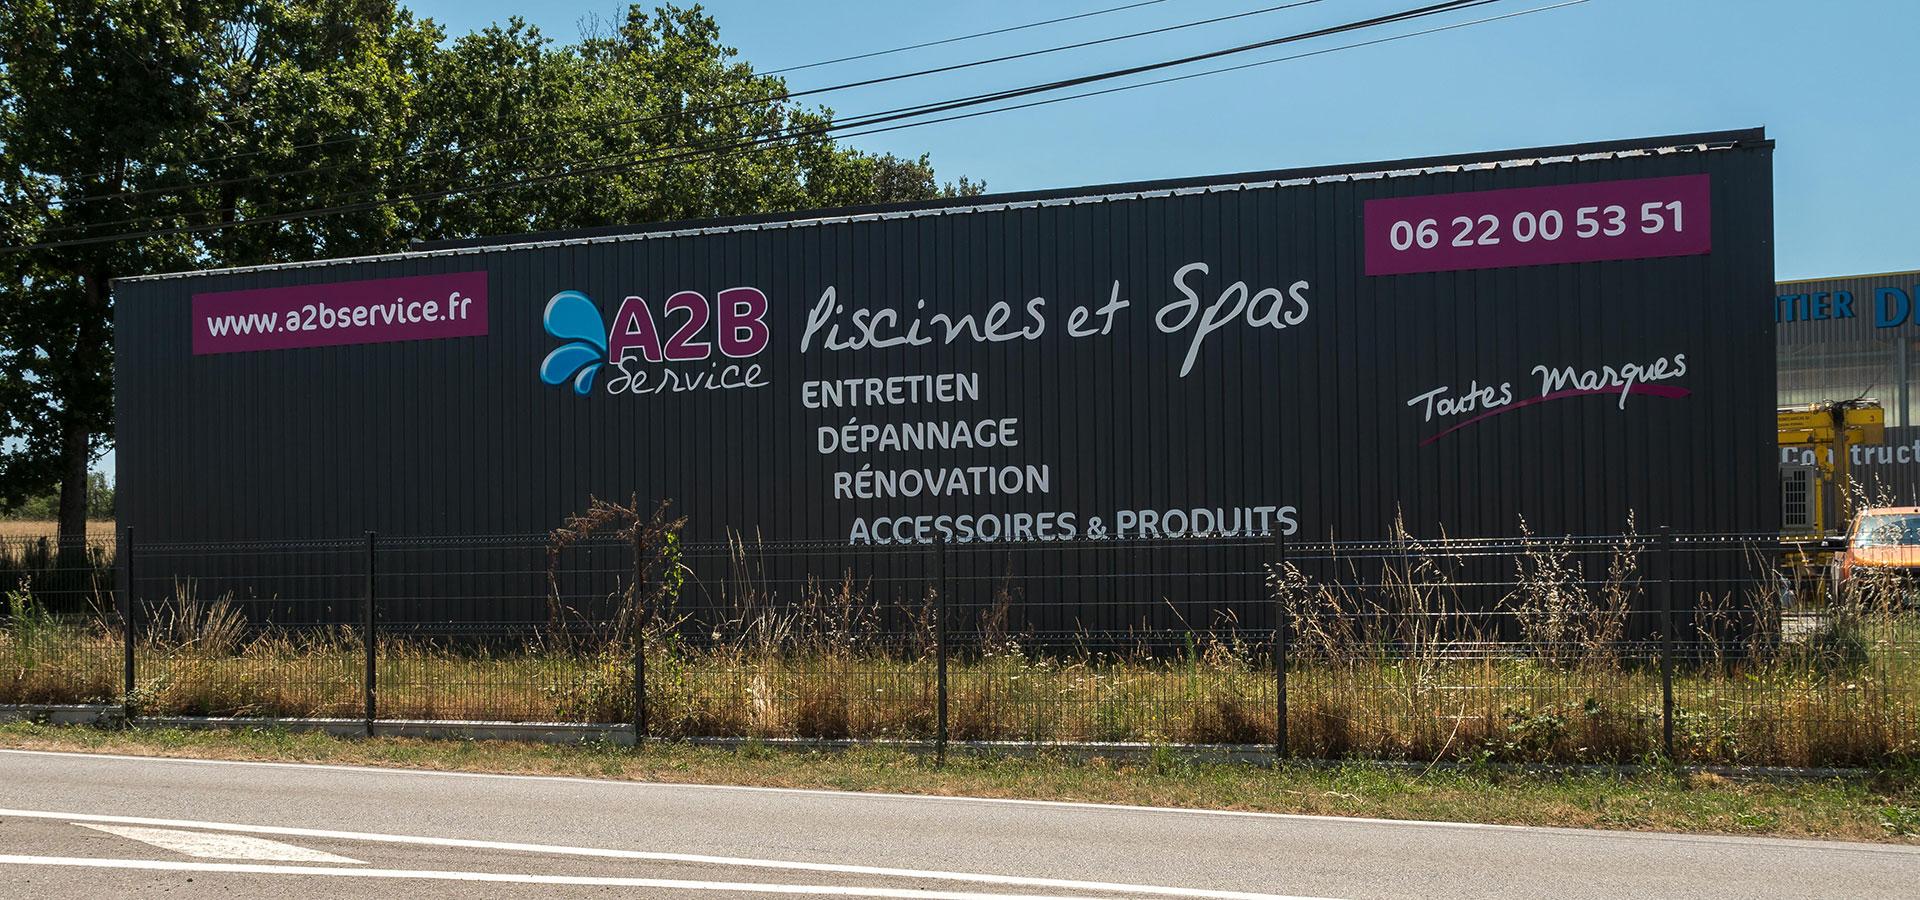 piscines et spas : entretien, dépannage, rénovation accessoires et produits toutes marques